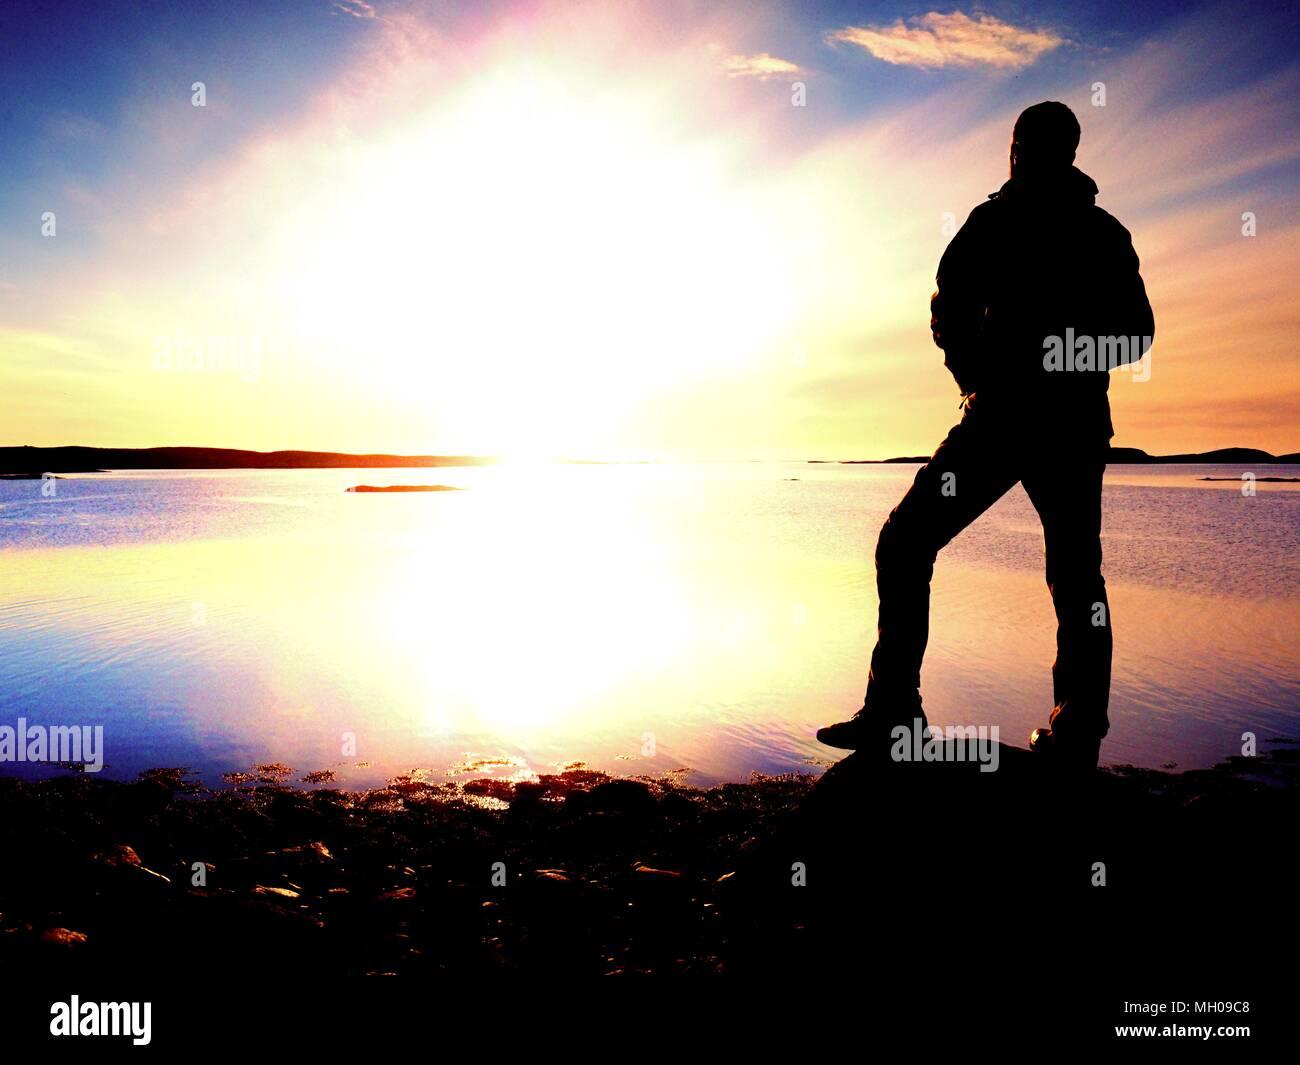 Silueta de un hombre en ropa de calle en acantilado rocoso sobre el mar. Hikerthinking durante la puesta de sol en el fondo. Concepto de viaje lejos. Imagen De Stock